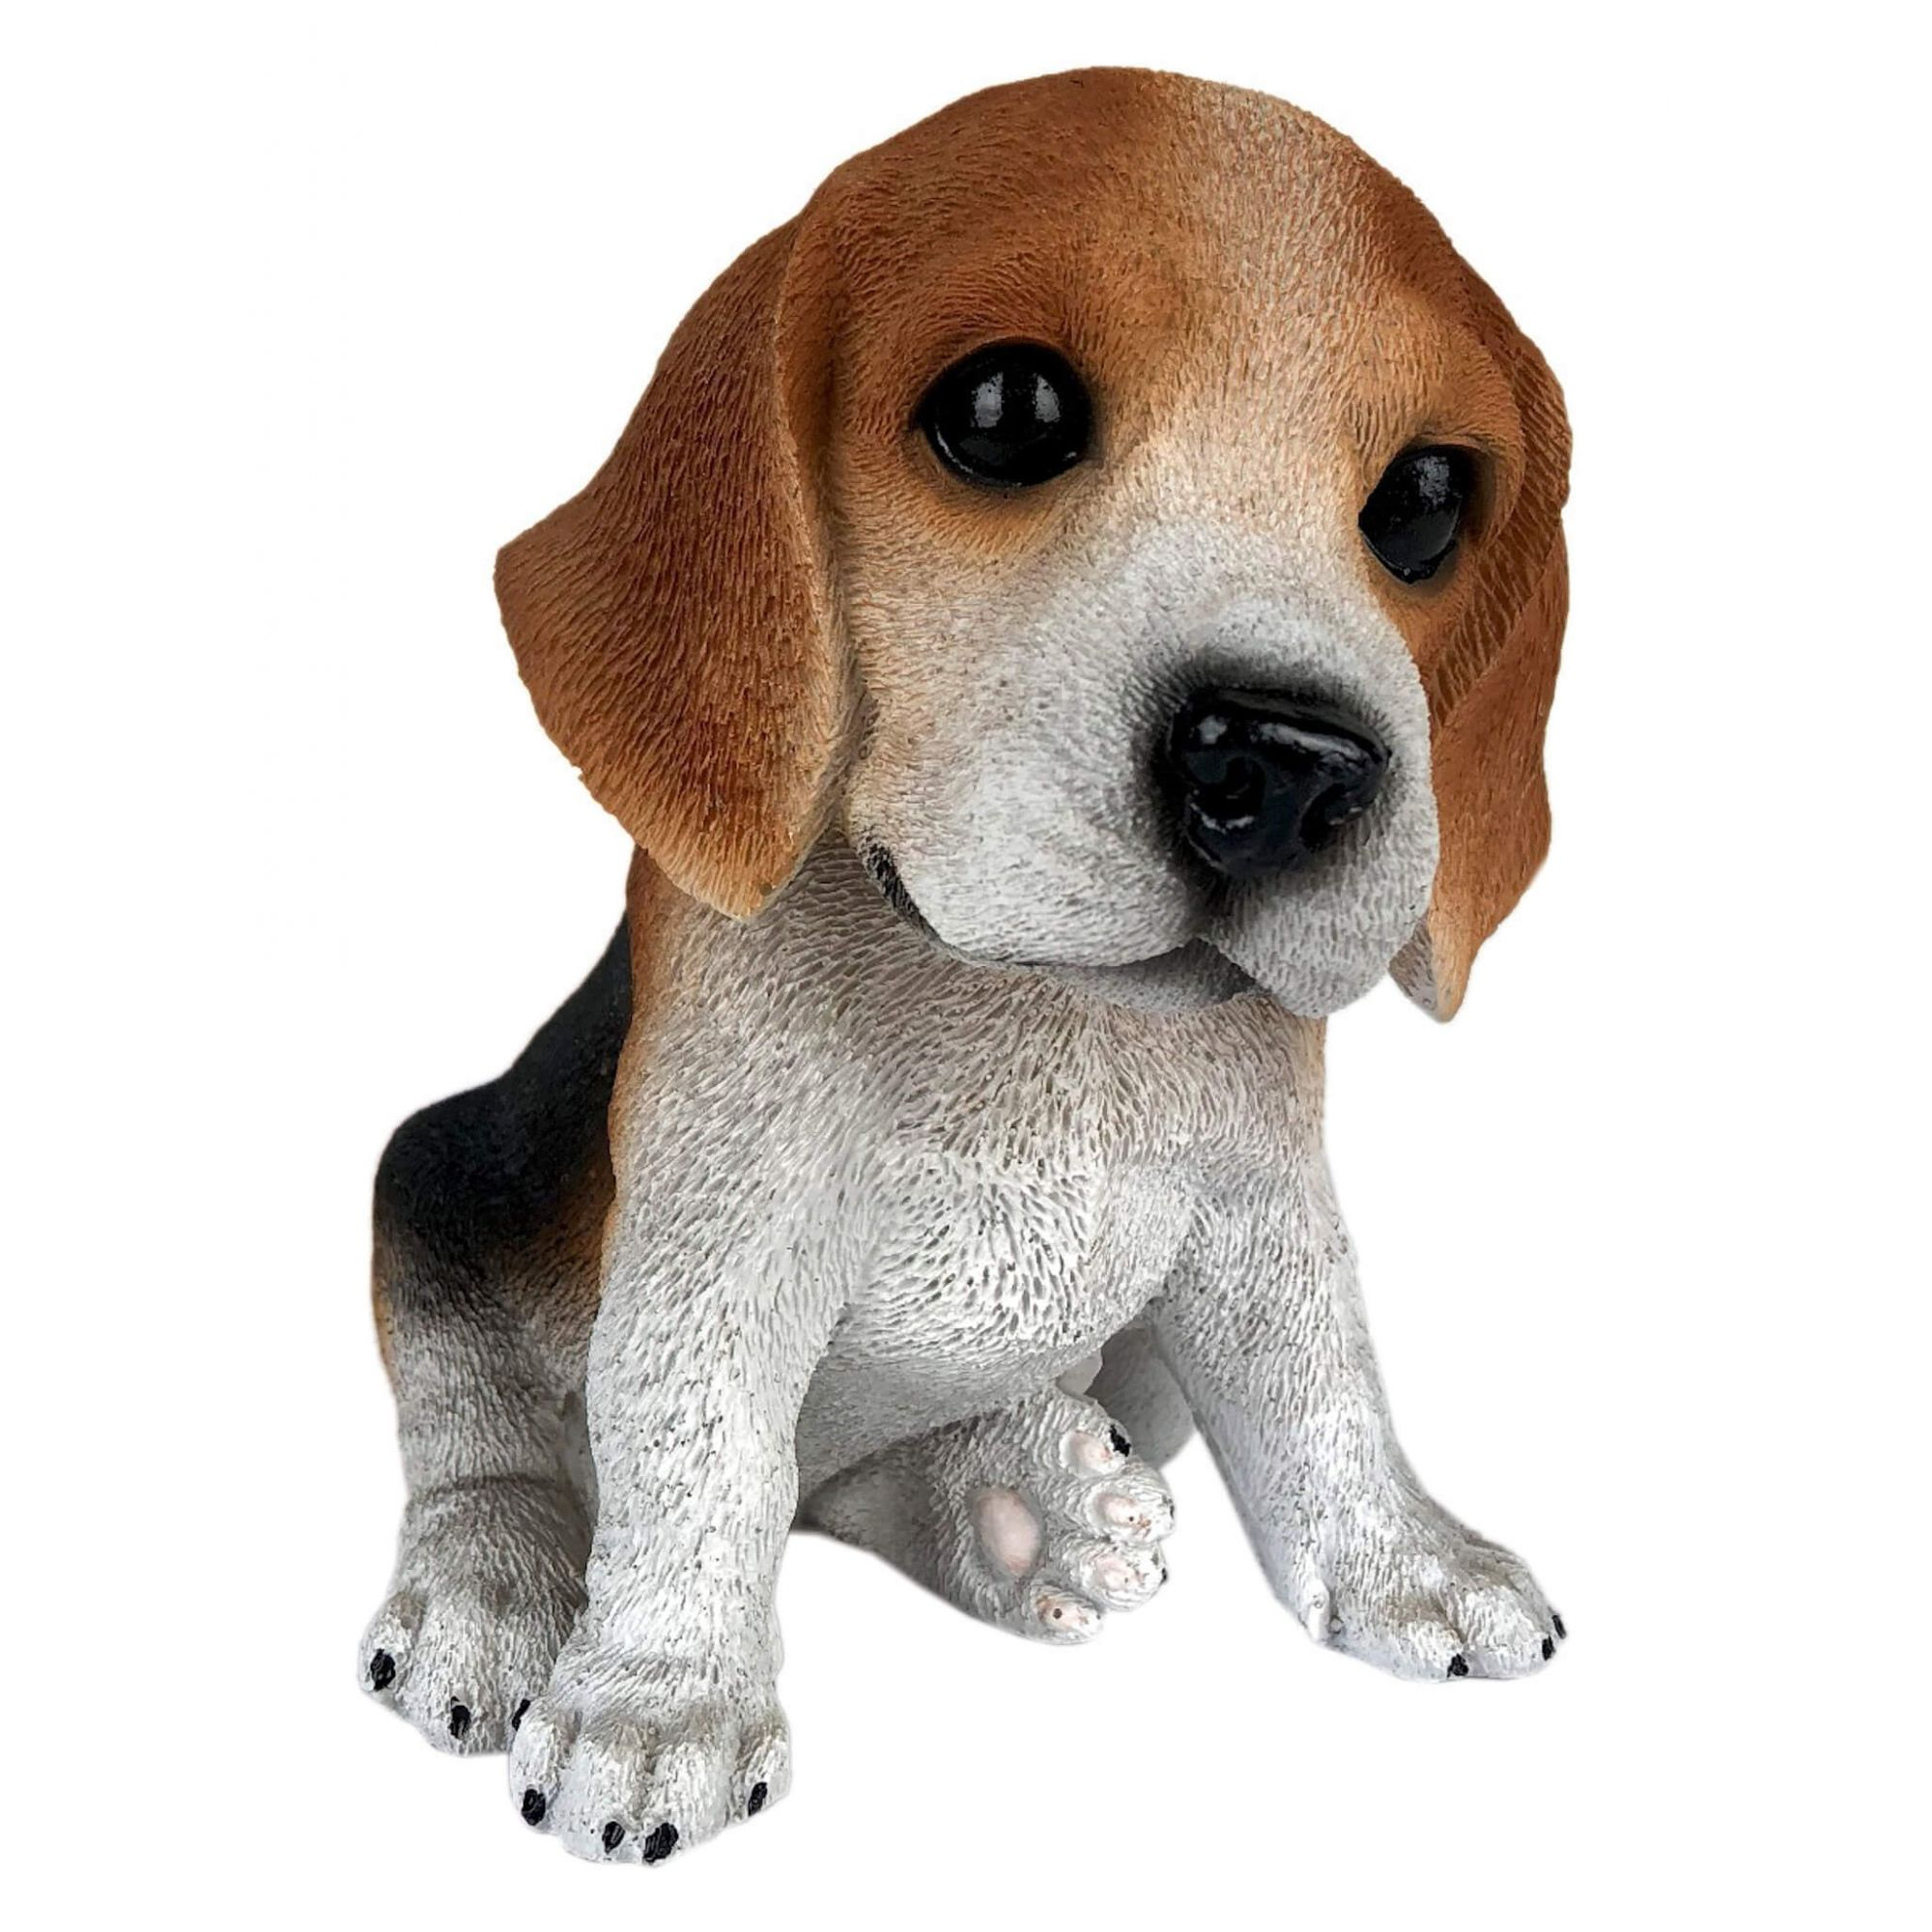 Cachorro Beagle Filhote Estátua Decoração